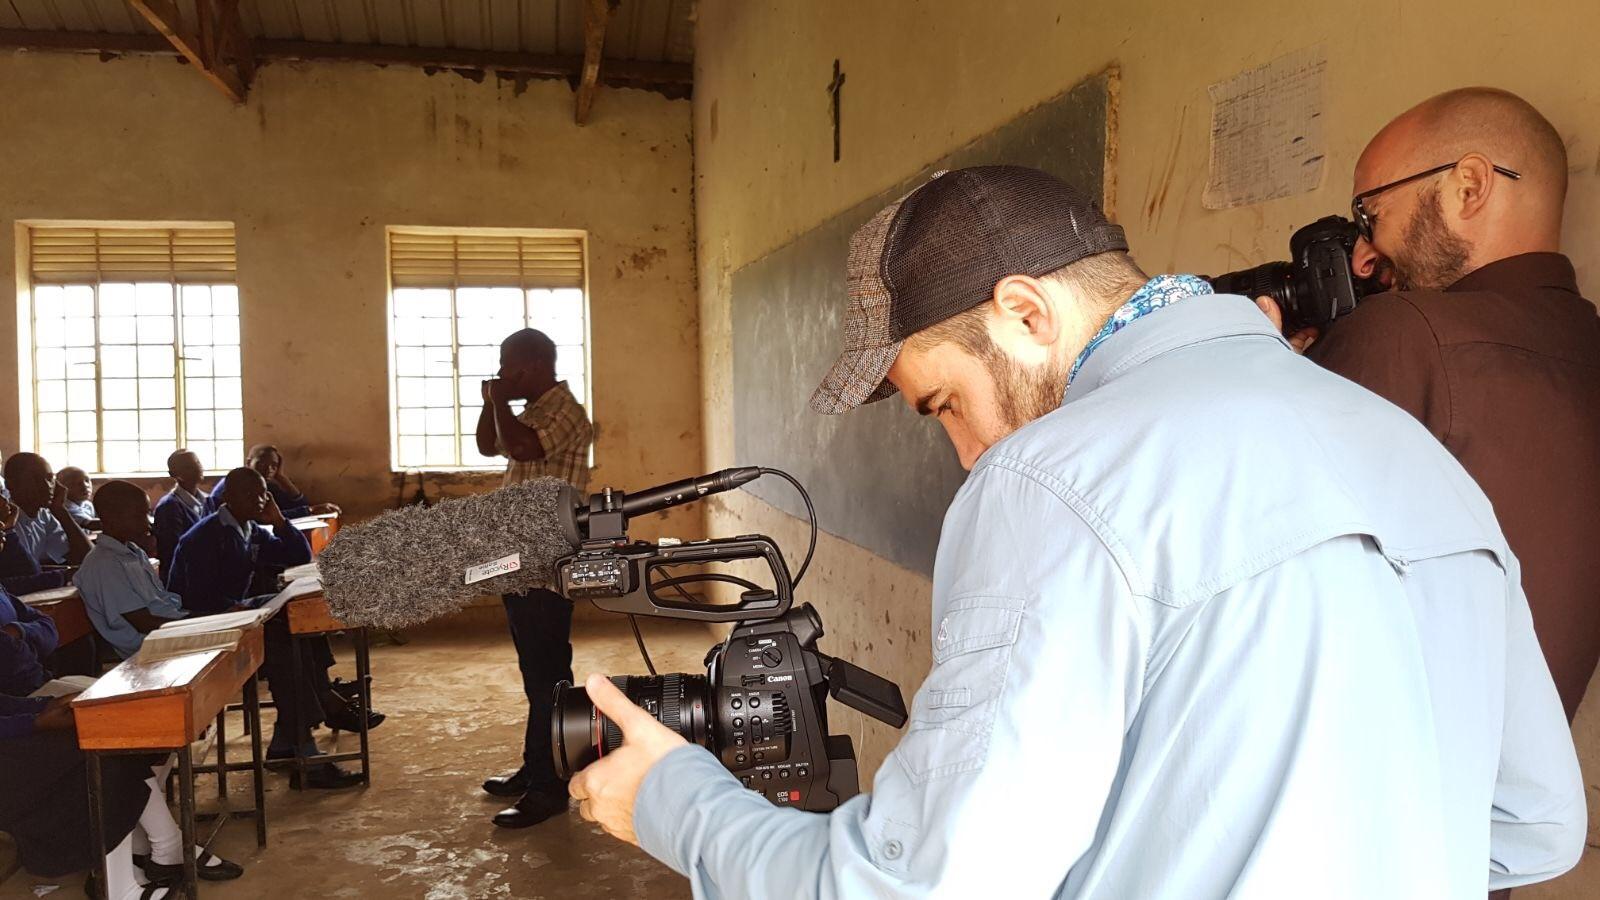 Filming Short Films